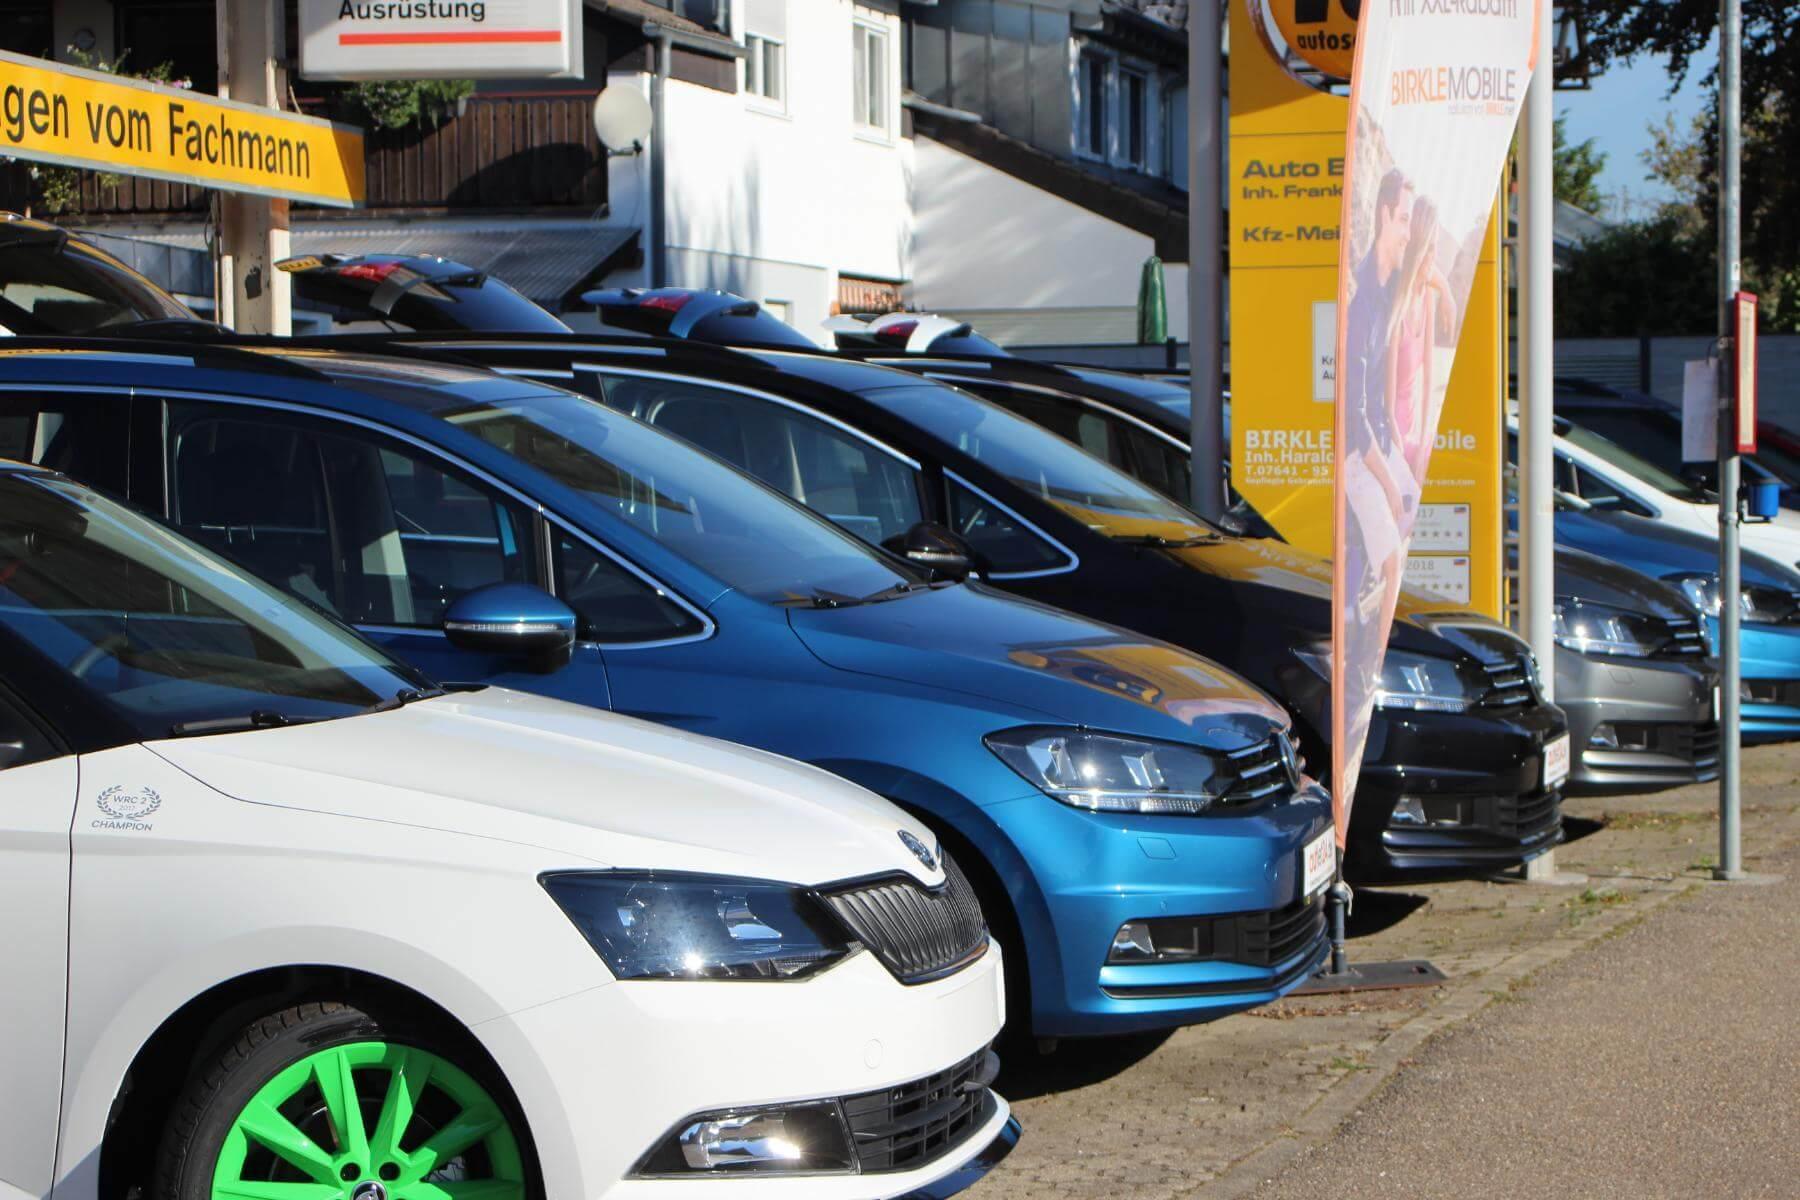 Vorort-Fahrzeuge mit XXL-Rabatt